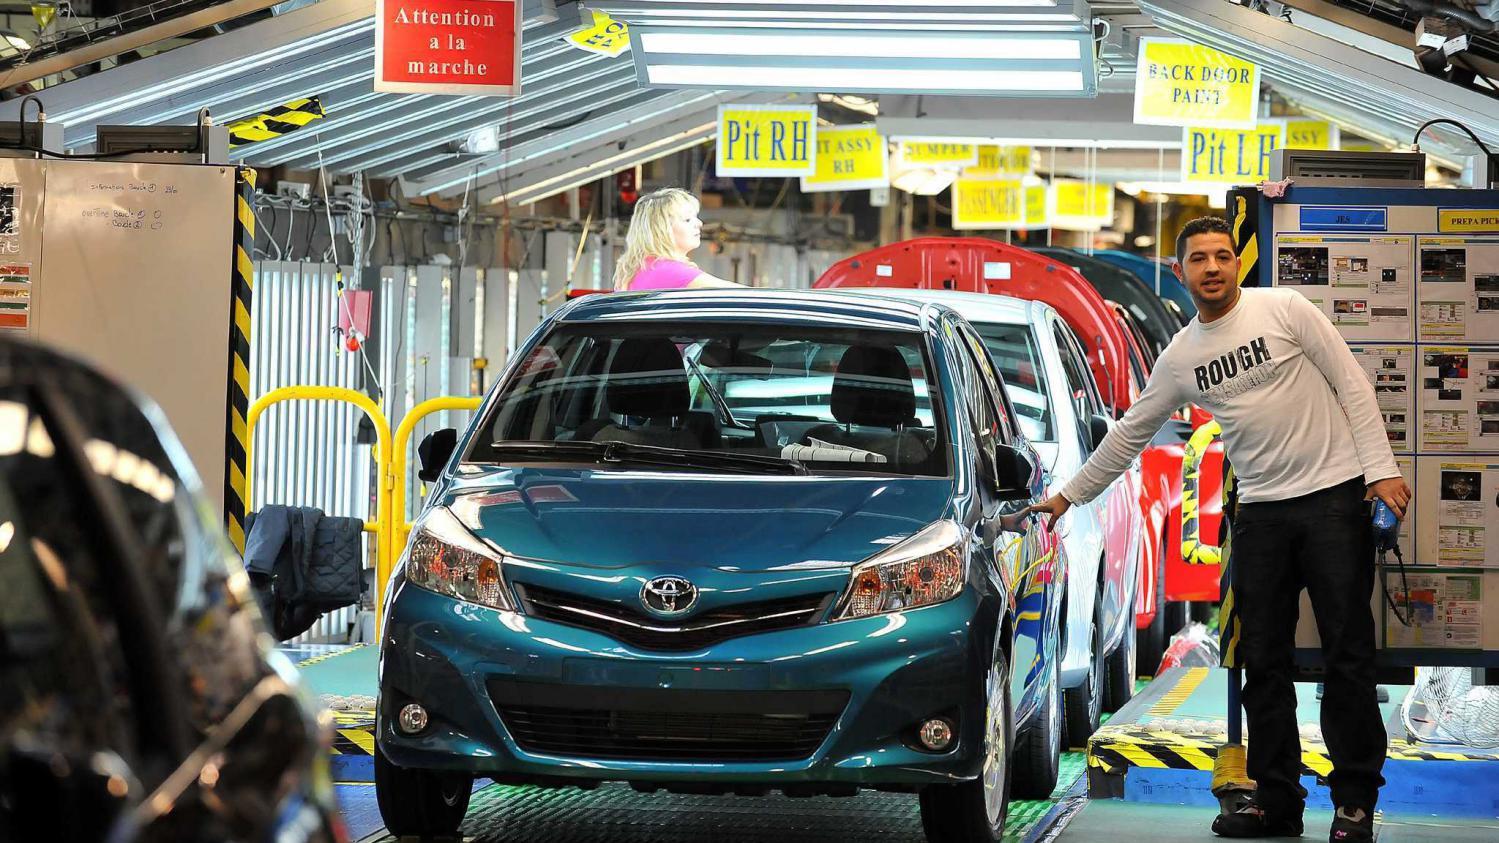 De Près Voitures 7 Toyota Rappelle Millions Le 5 Monde Dans Nk80wOPZXn